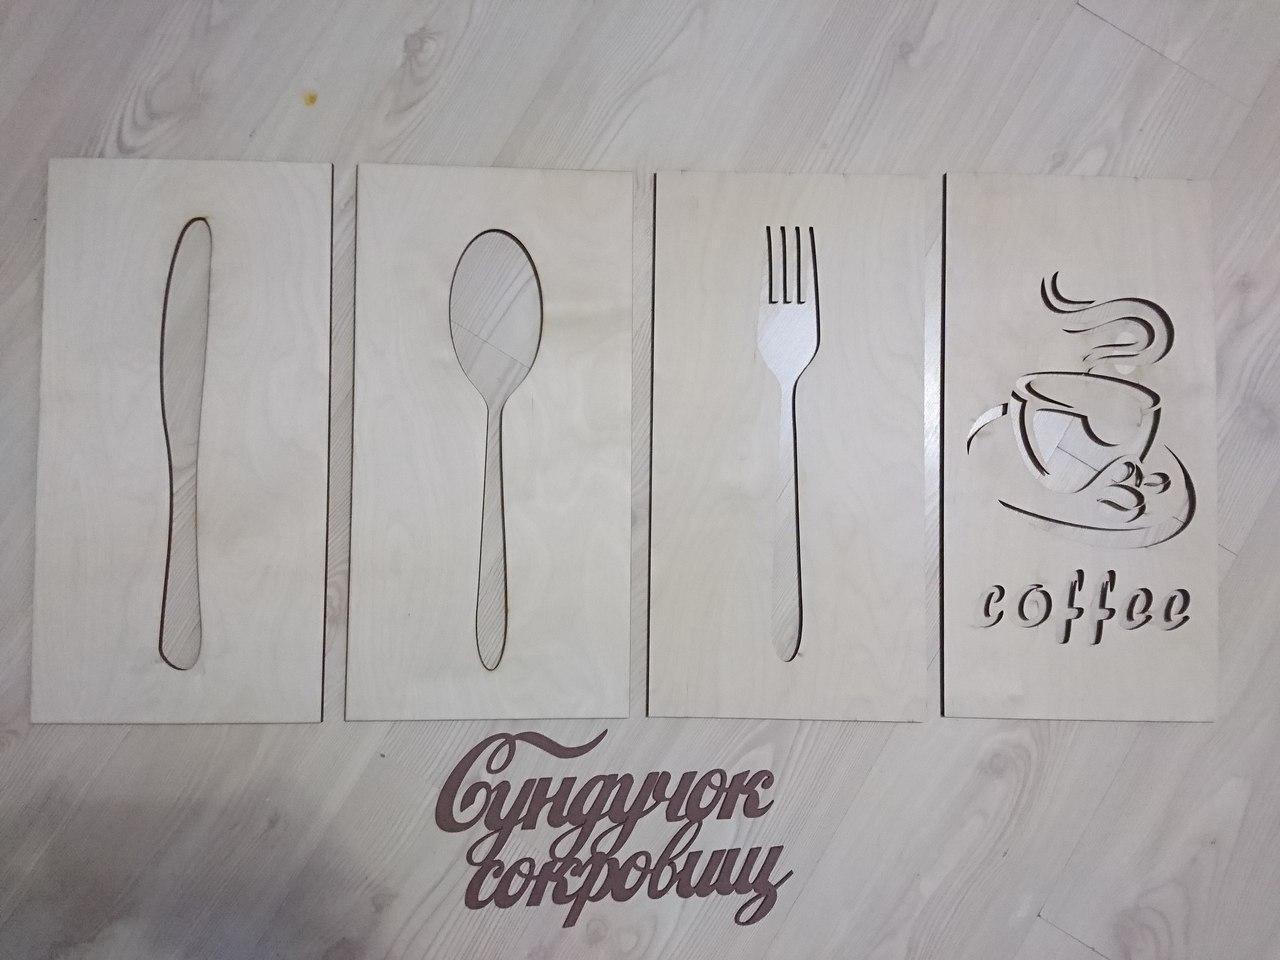 Комплект из дерева, таблички, декор для кухни, бара, ресторана, кафе, баров, ресторанов, магазинов, офисов